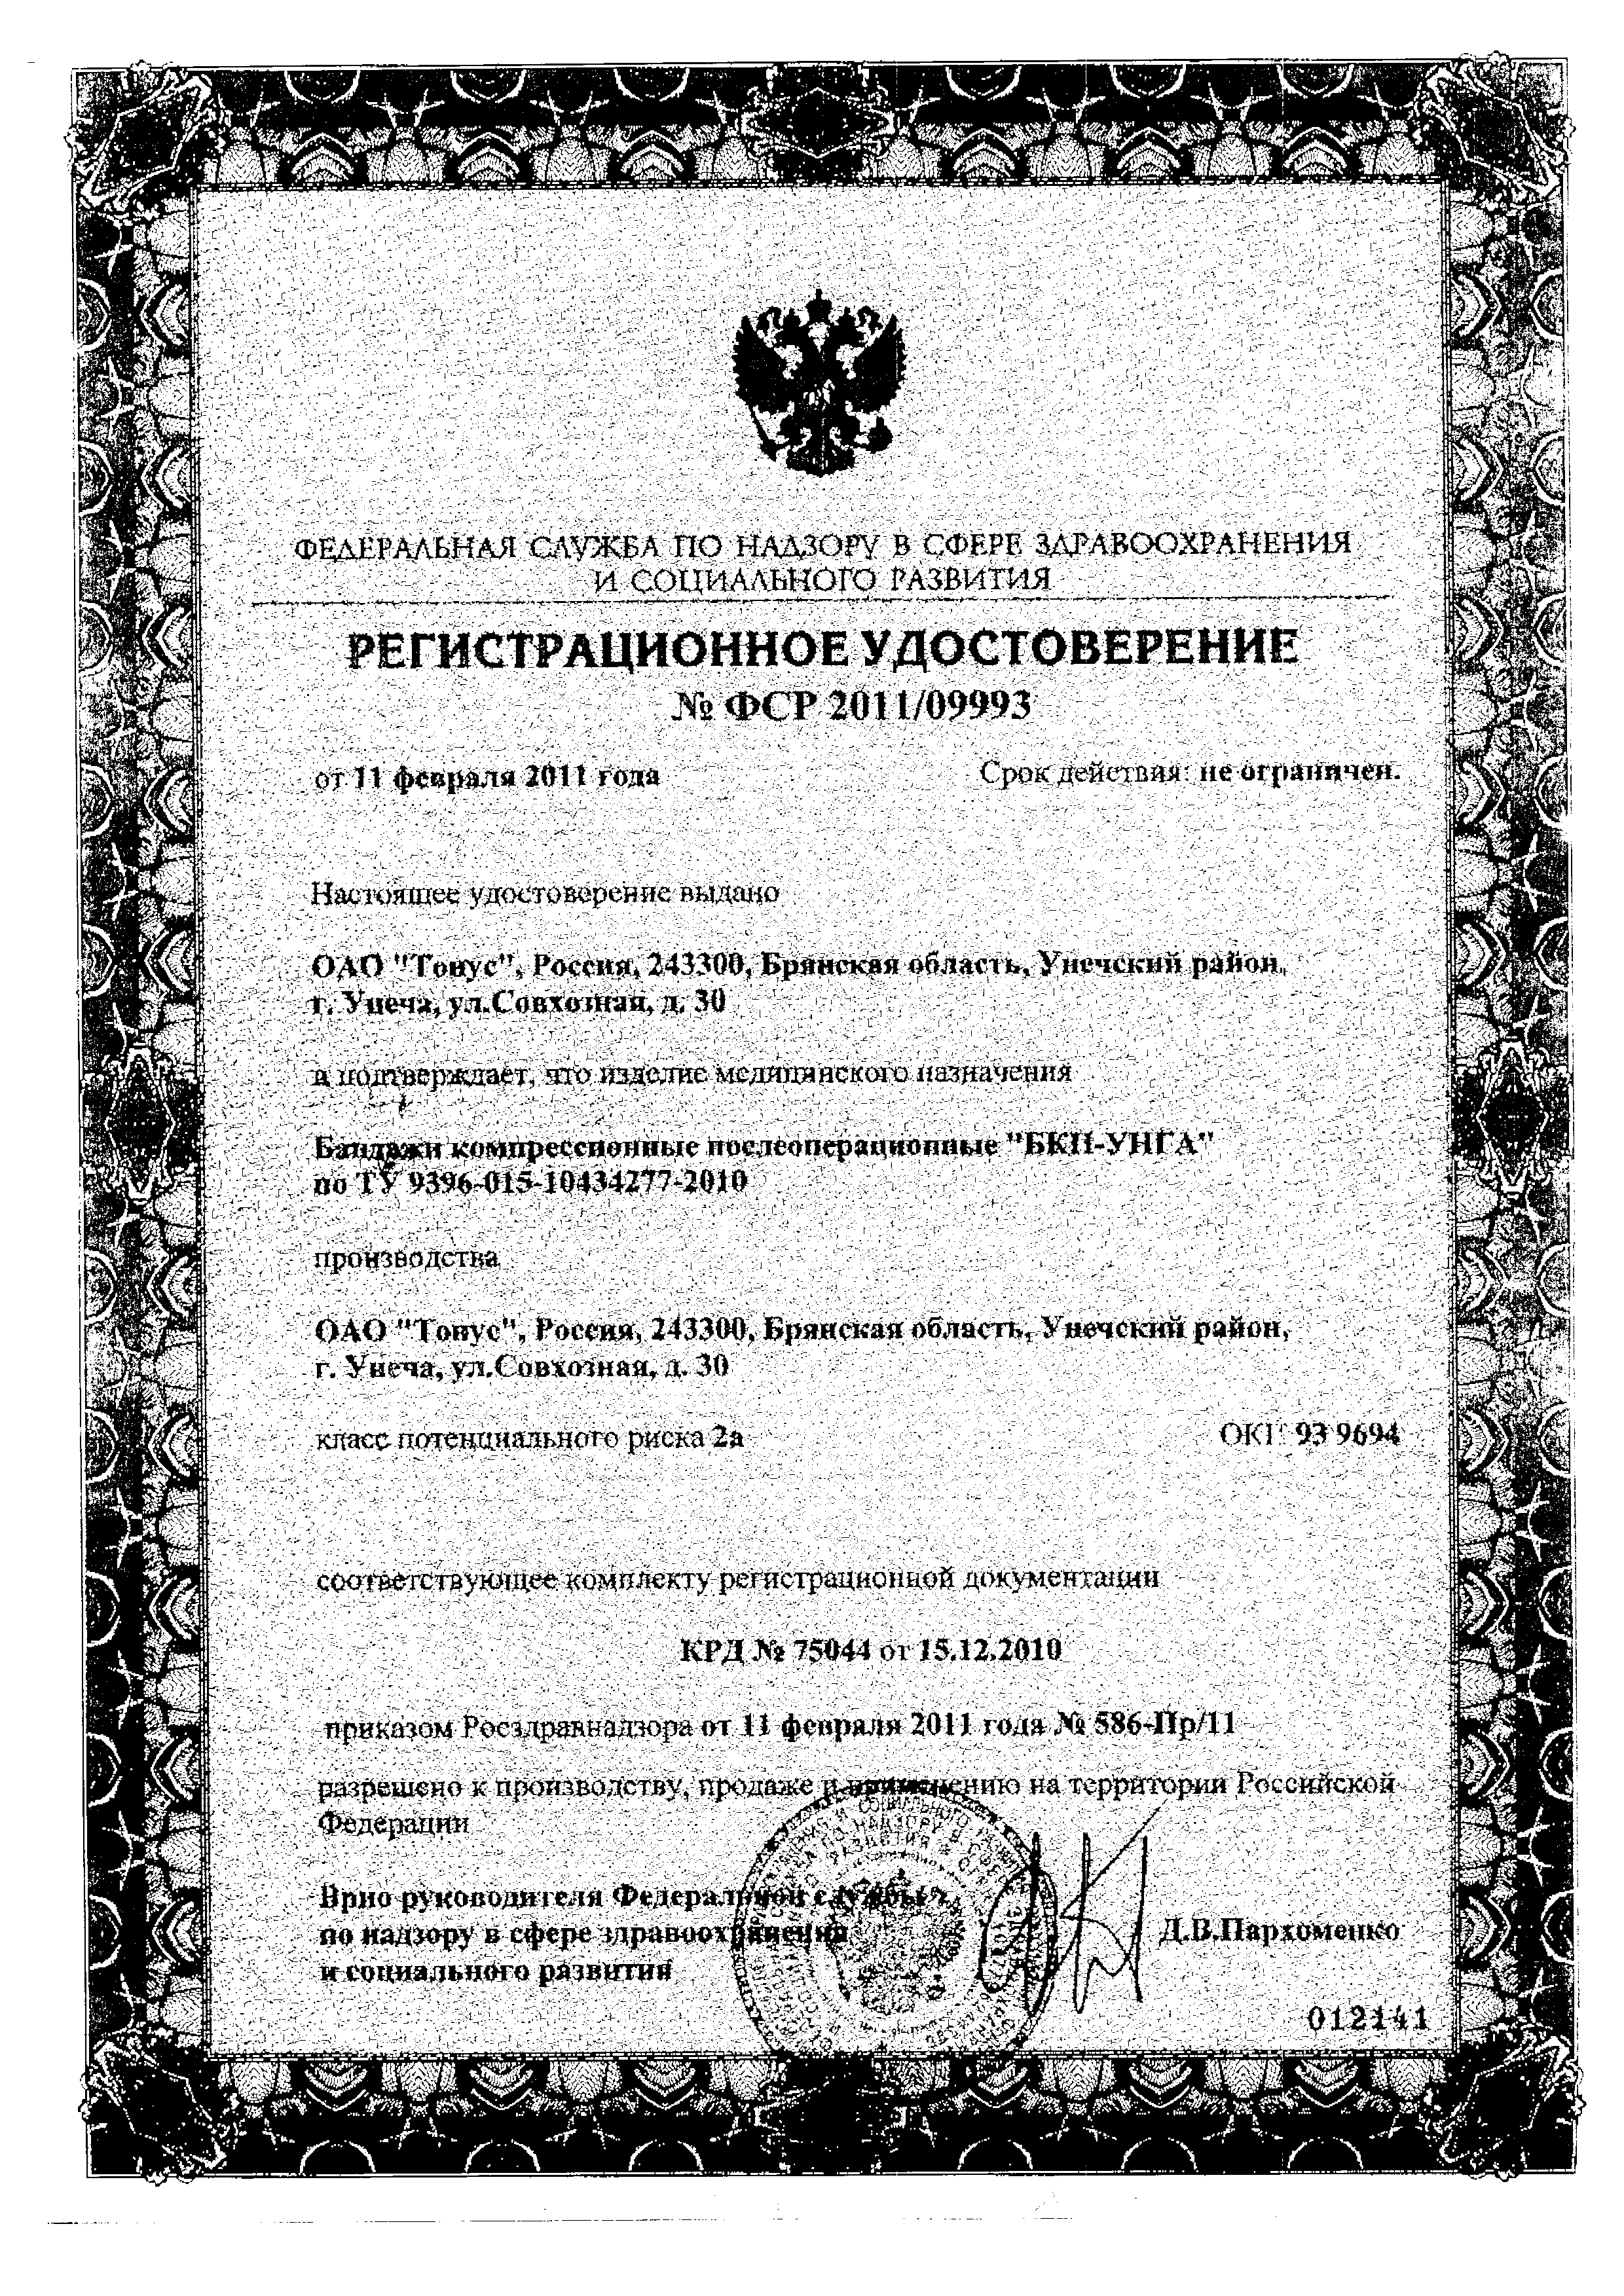 Мультидофилус плюс сертификат